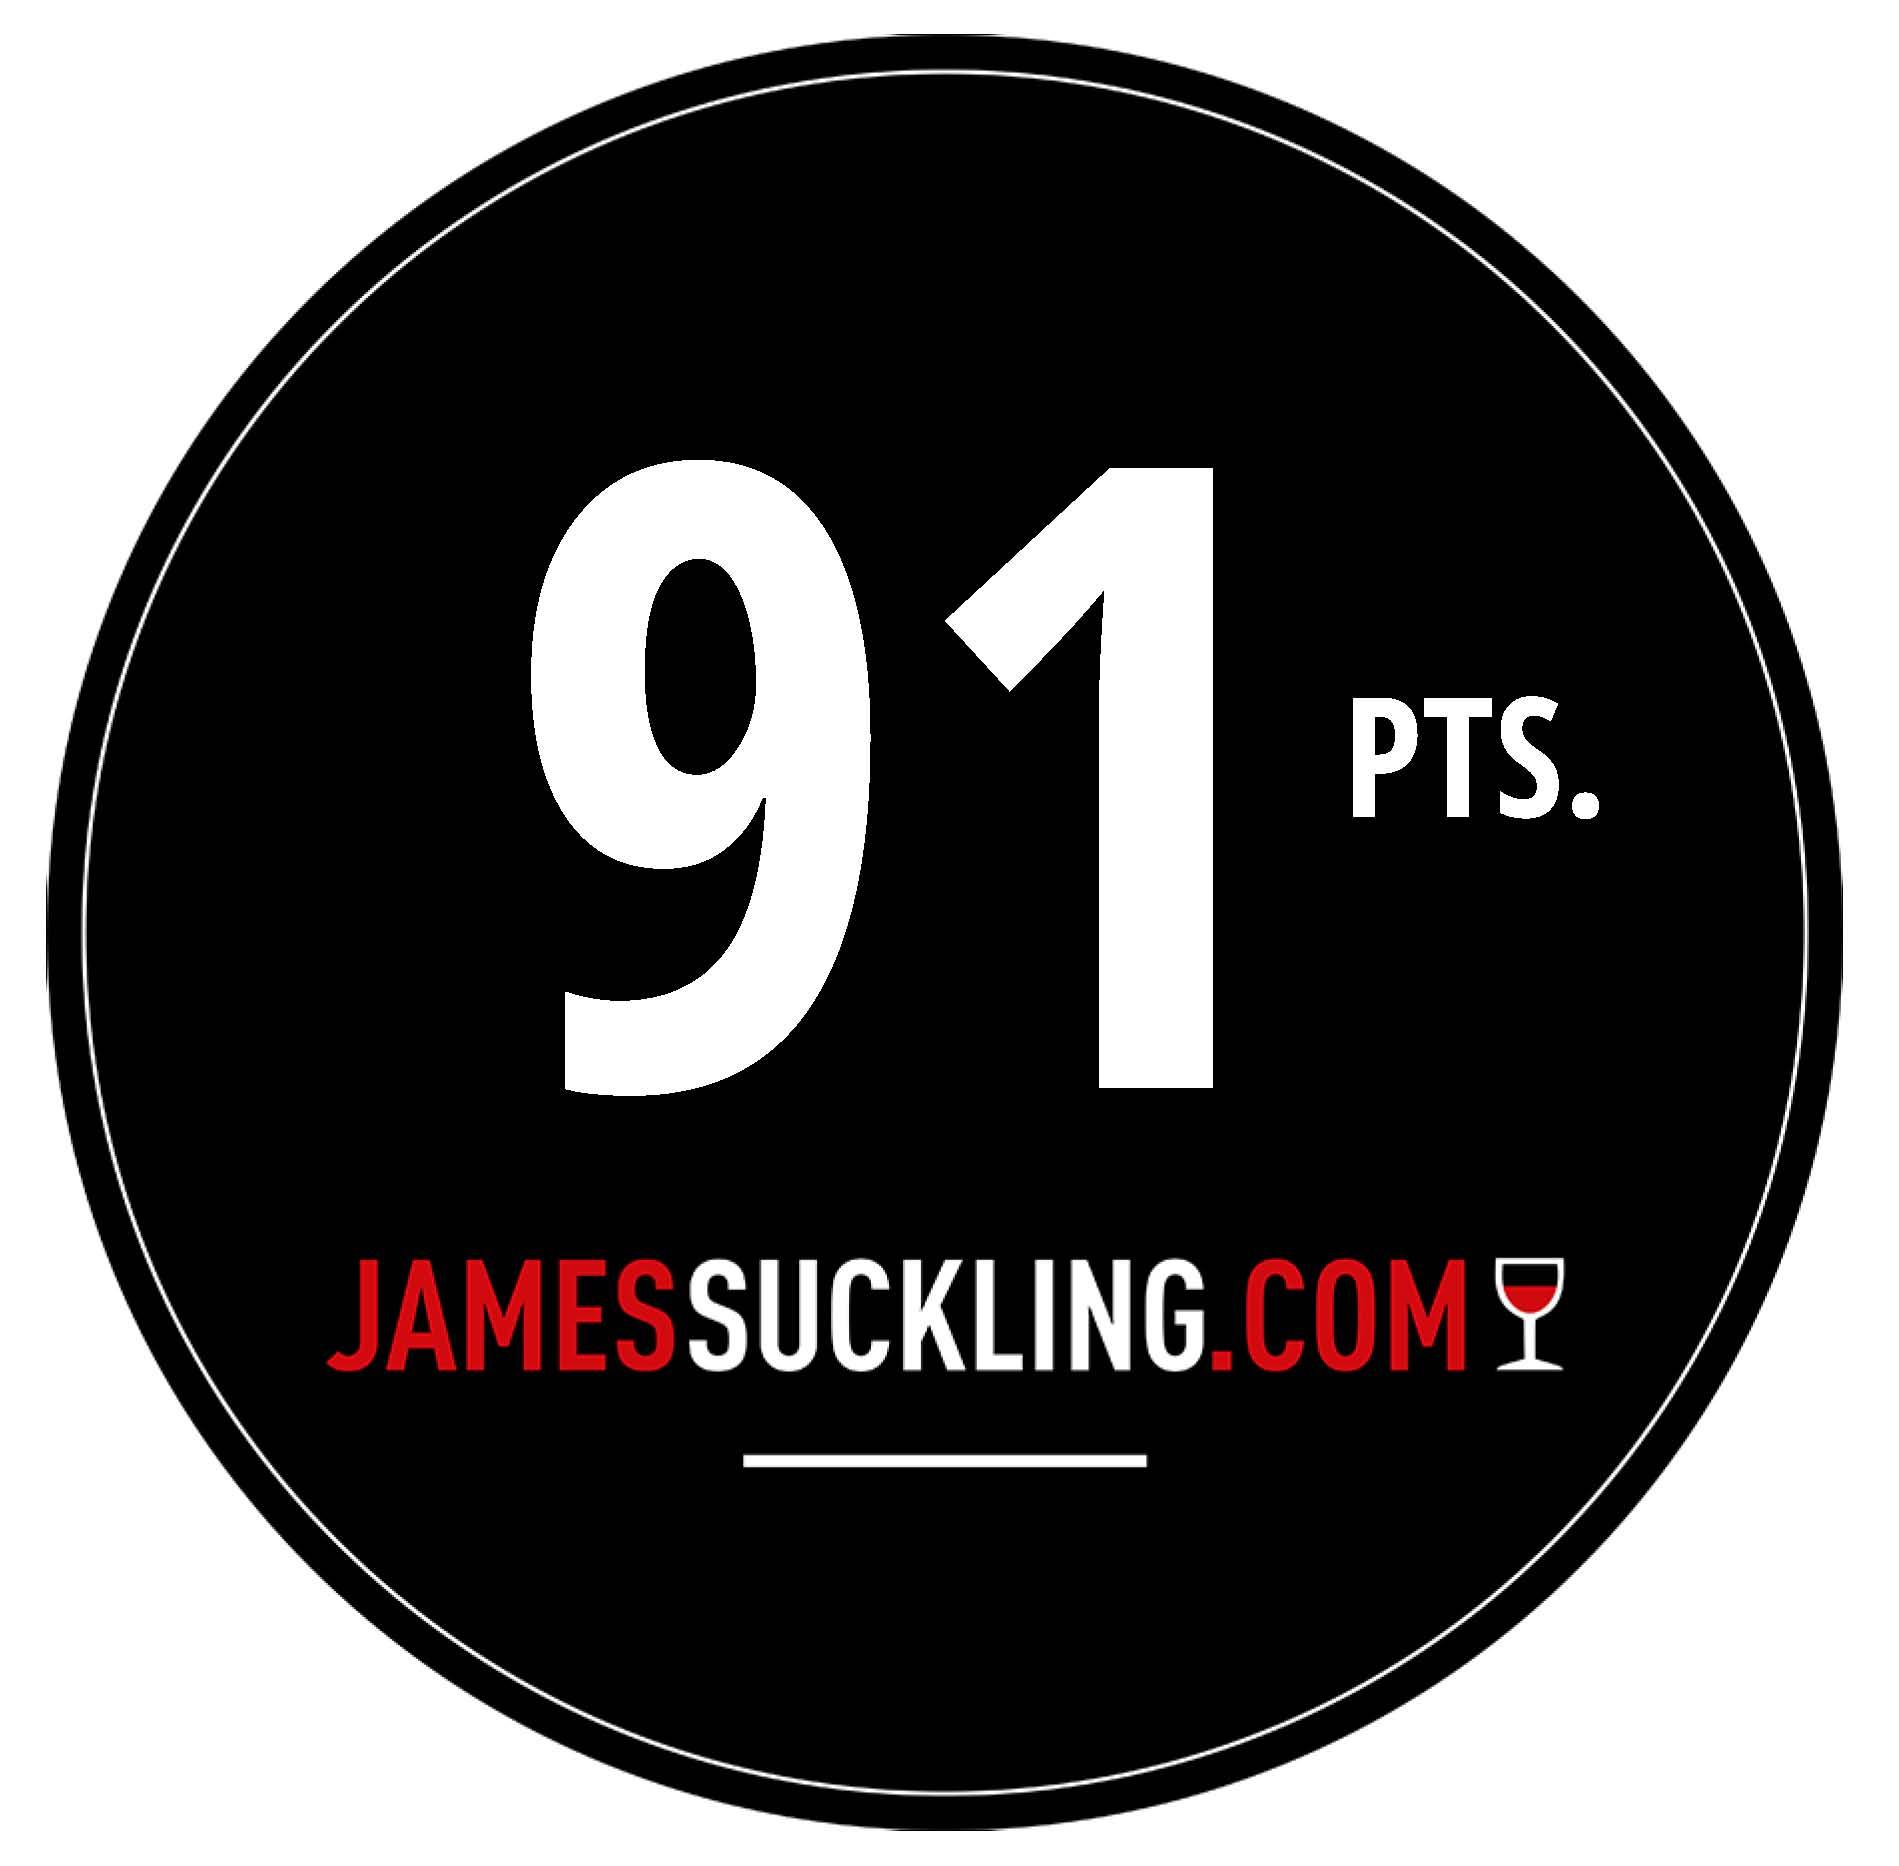 Oktober 2017: 91 Punkte James Suckling für Jahrgang 2016